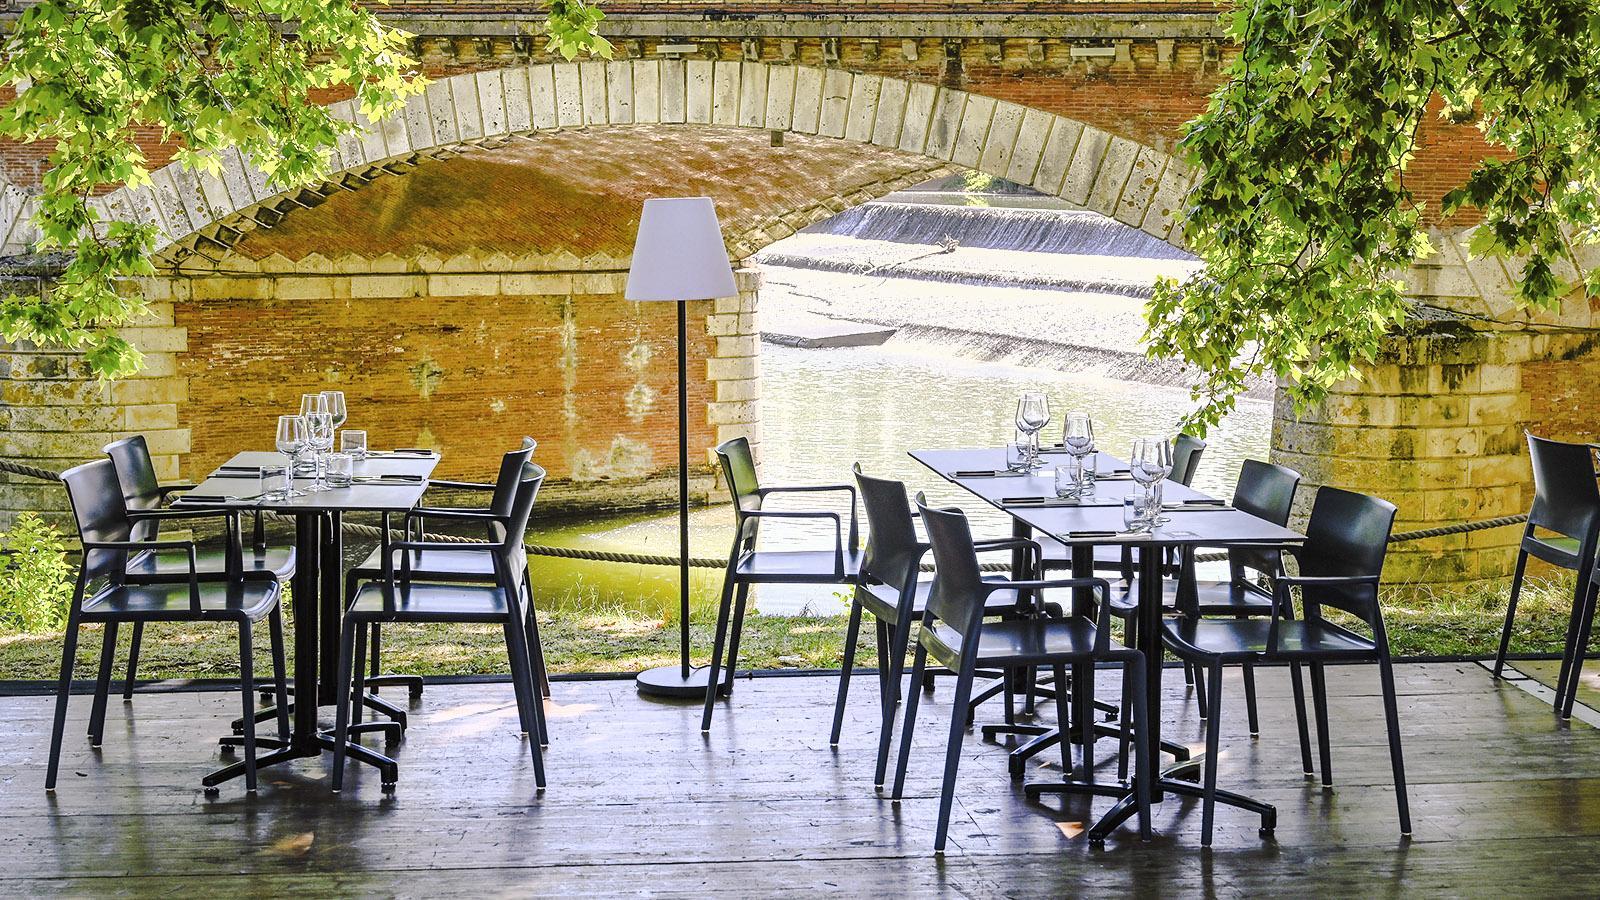 Toulouse en Terrasse: Das Freiluftrestaurant L'Écluse findet ihr an der Saint-Michel-Schleuse von Toulouse. Foto: Hilke Maunder